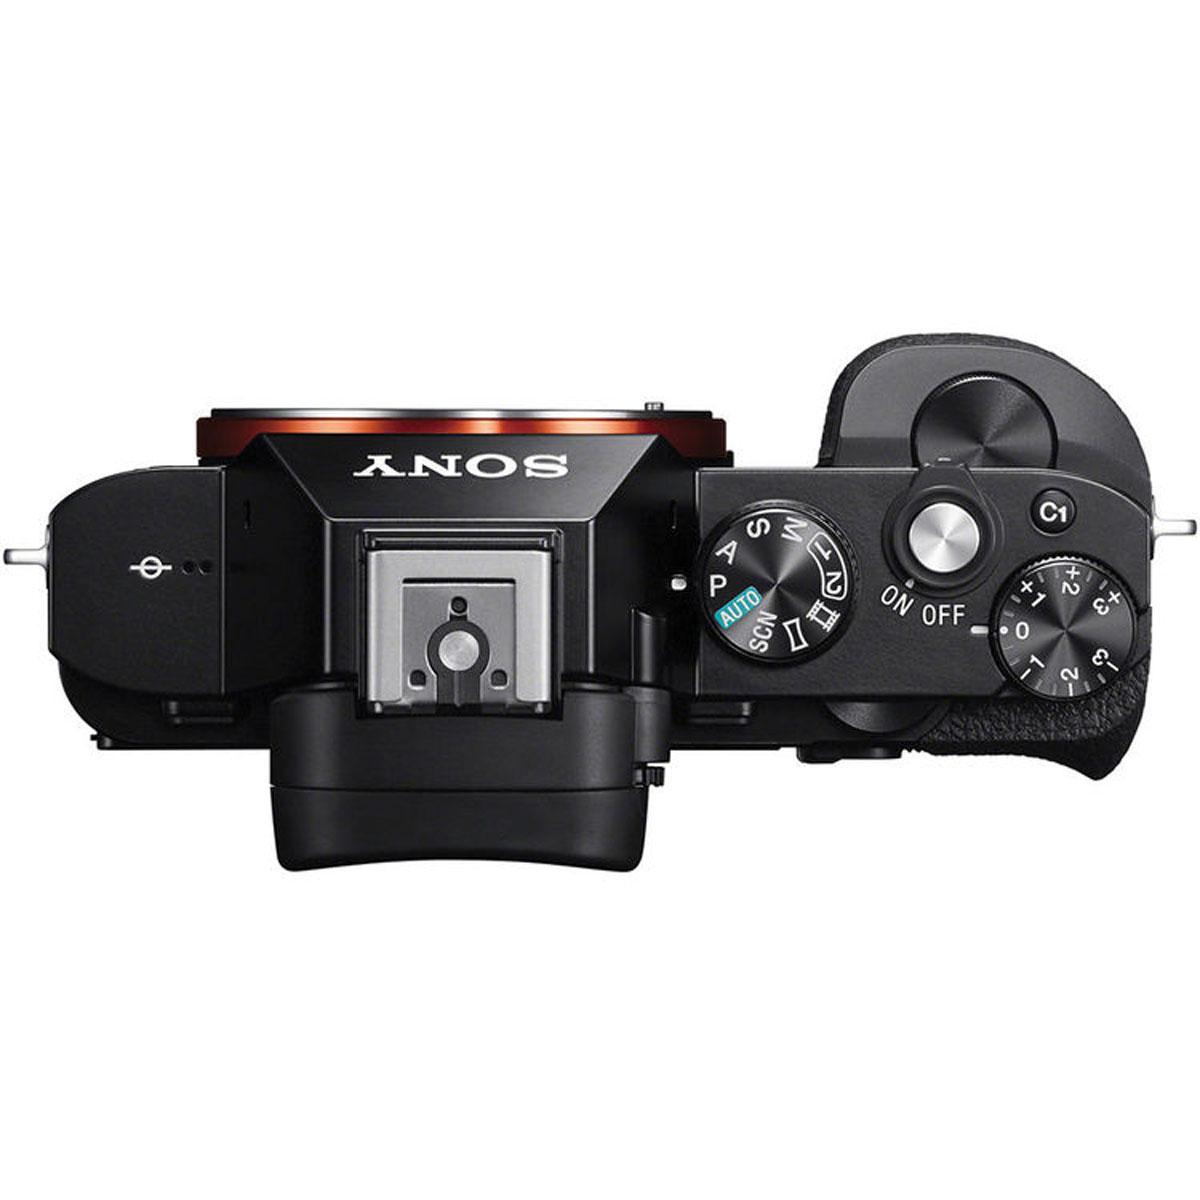 Sony Alpha A7 Body, Blackцифровая фотокамера Sony